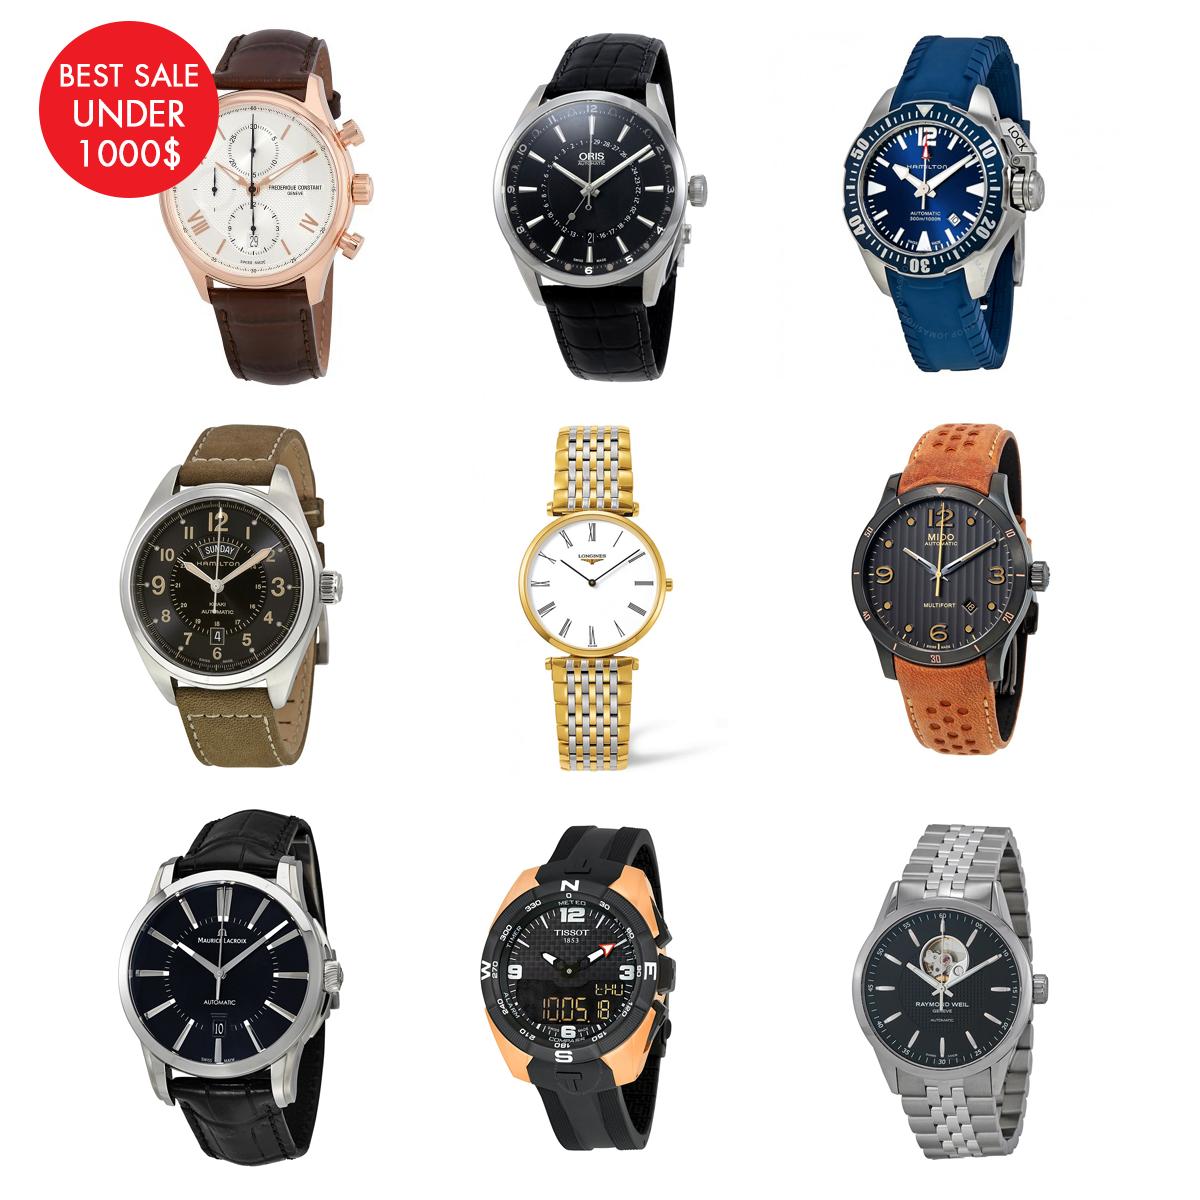 những mẫu đồng hồ đẹp cho nữ